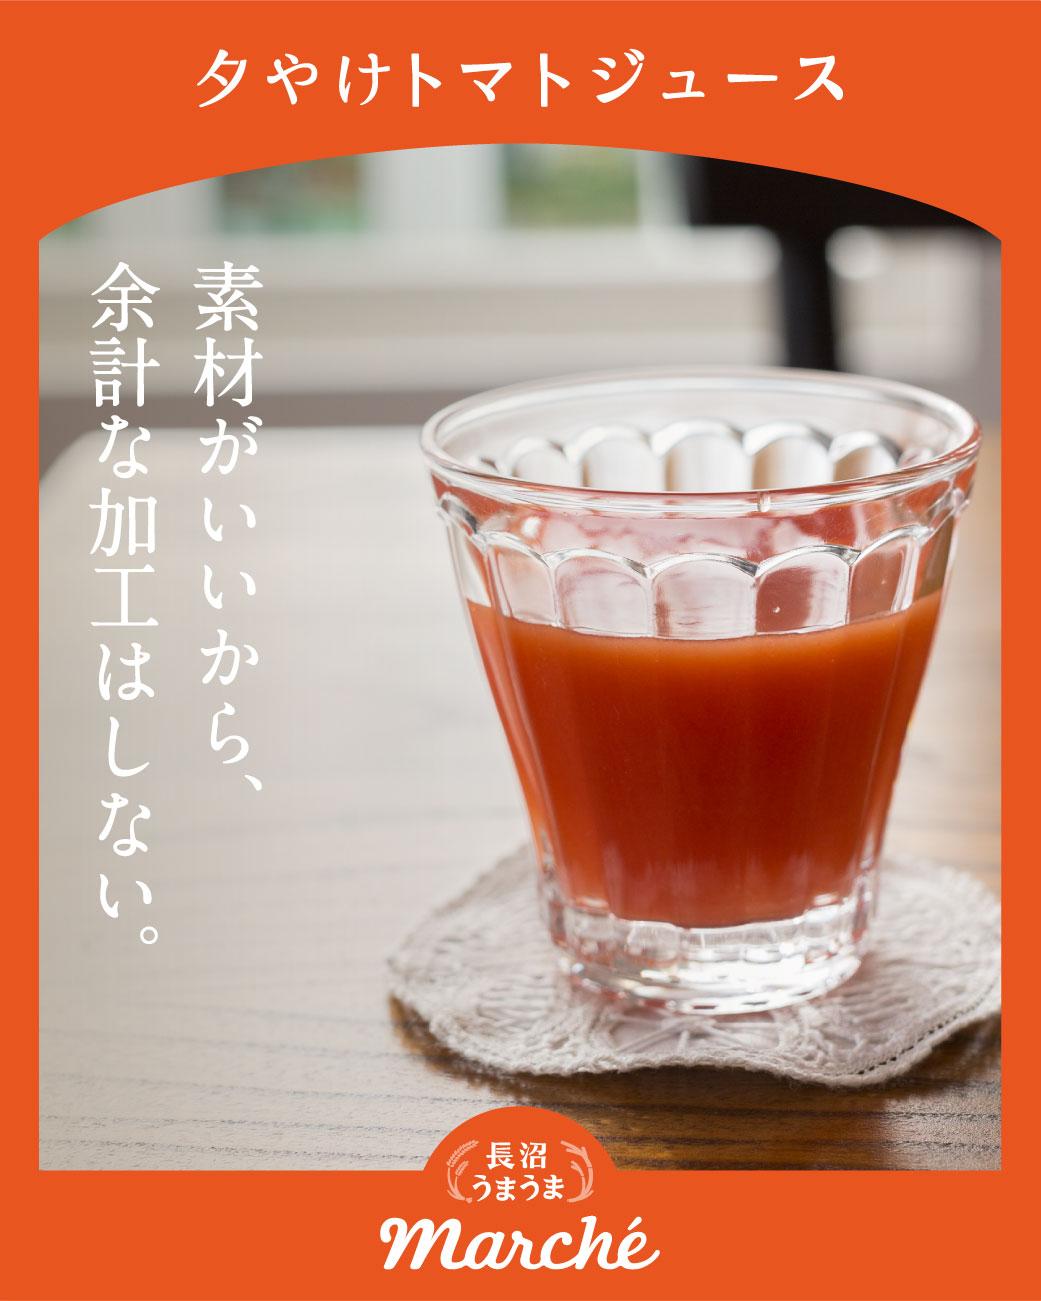 夕やけトマトジュース